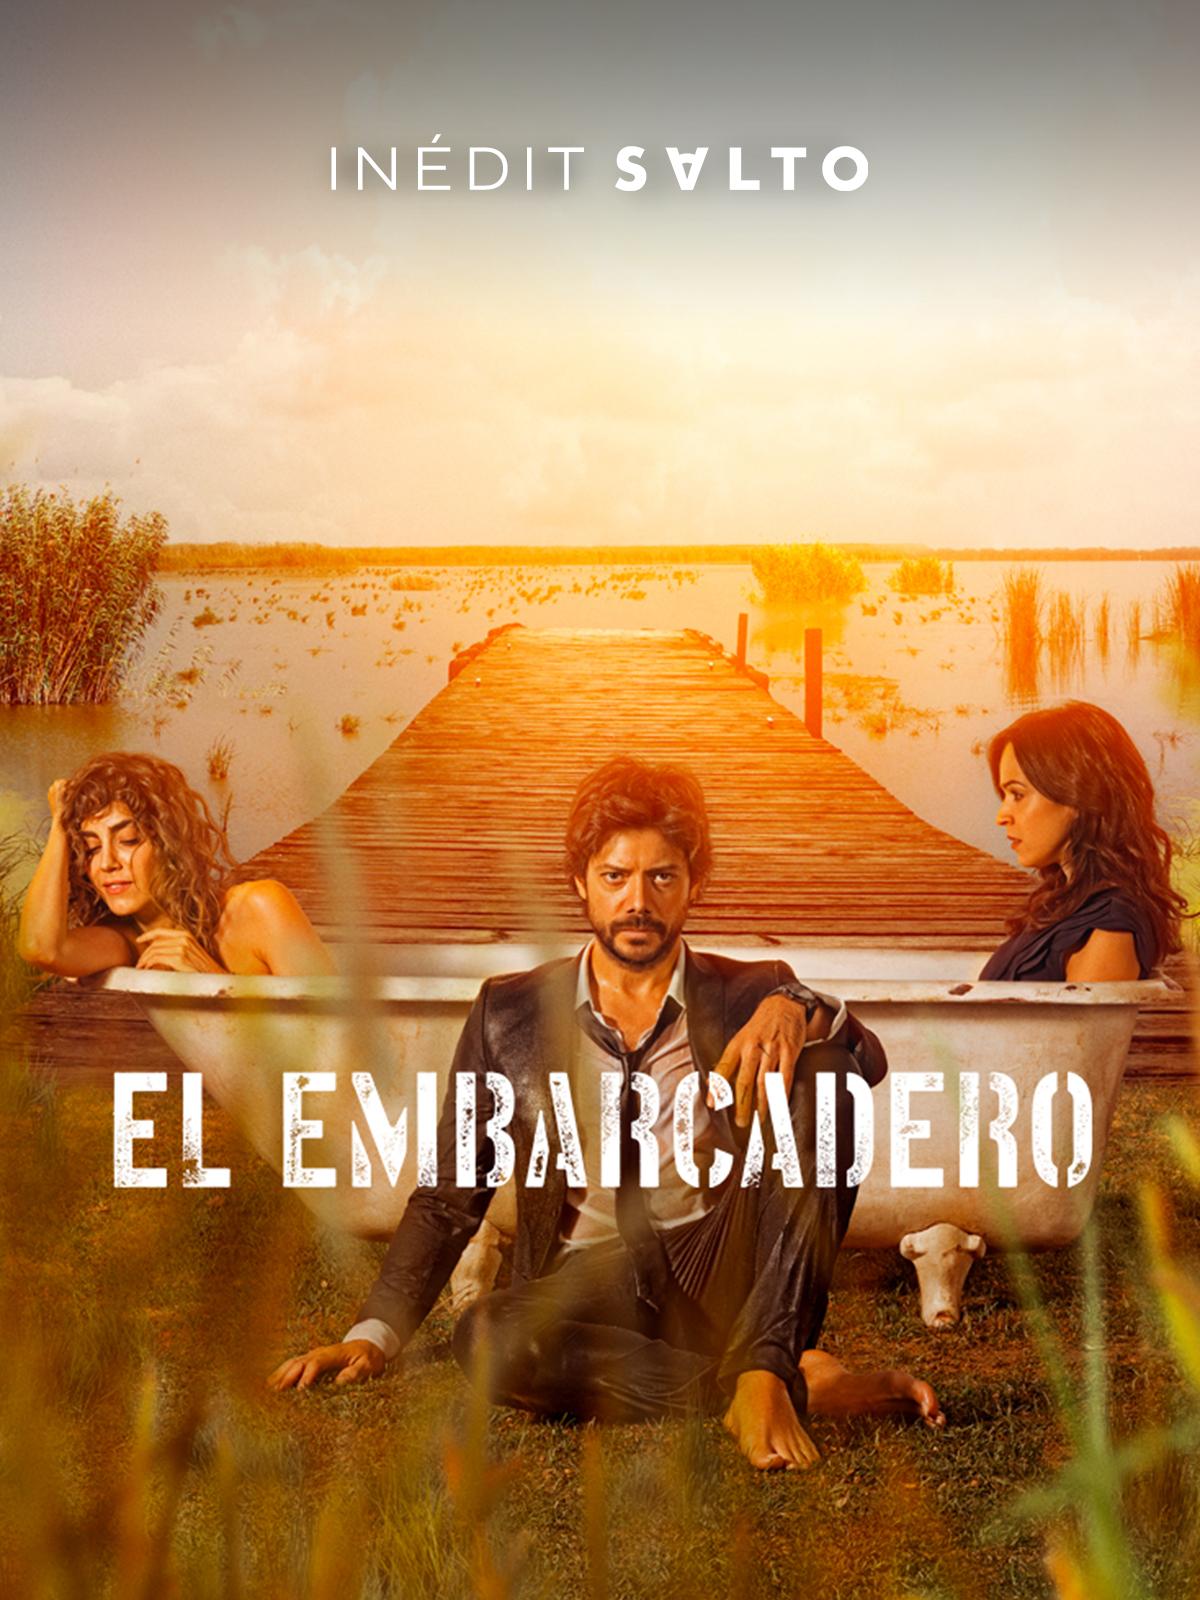 14 - El Embarcadero / The Pier